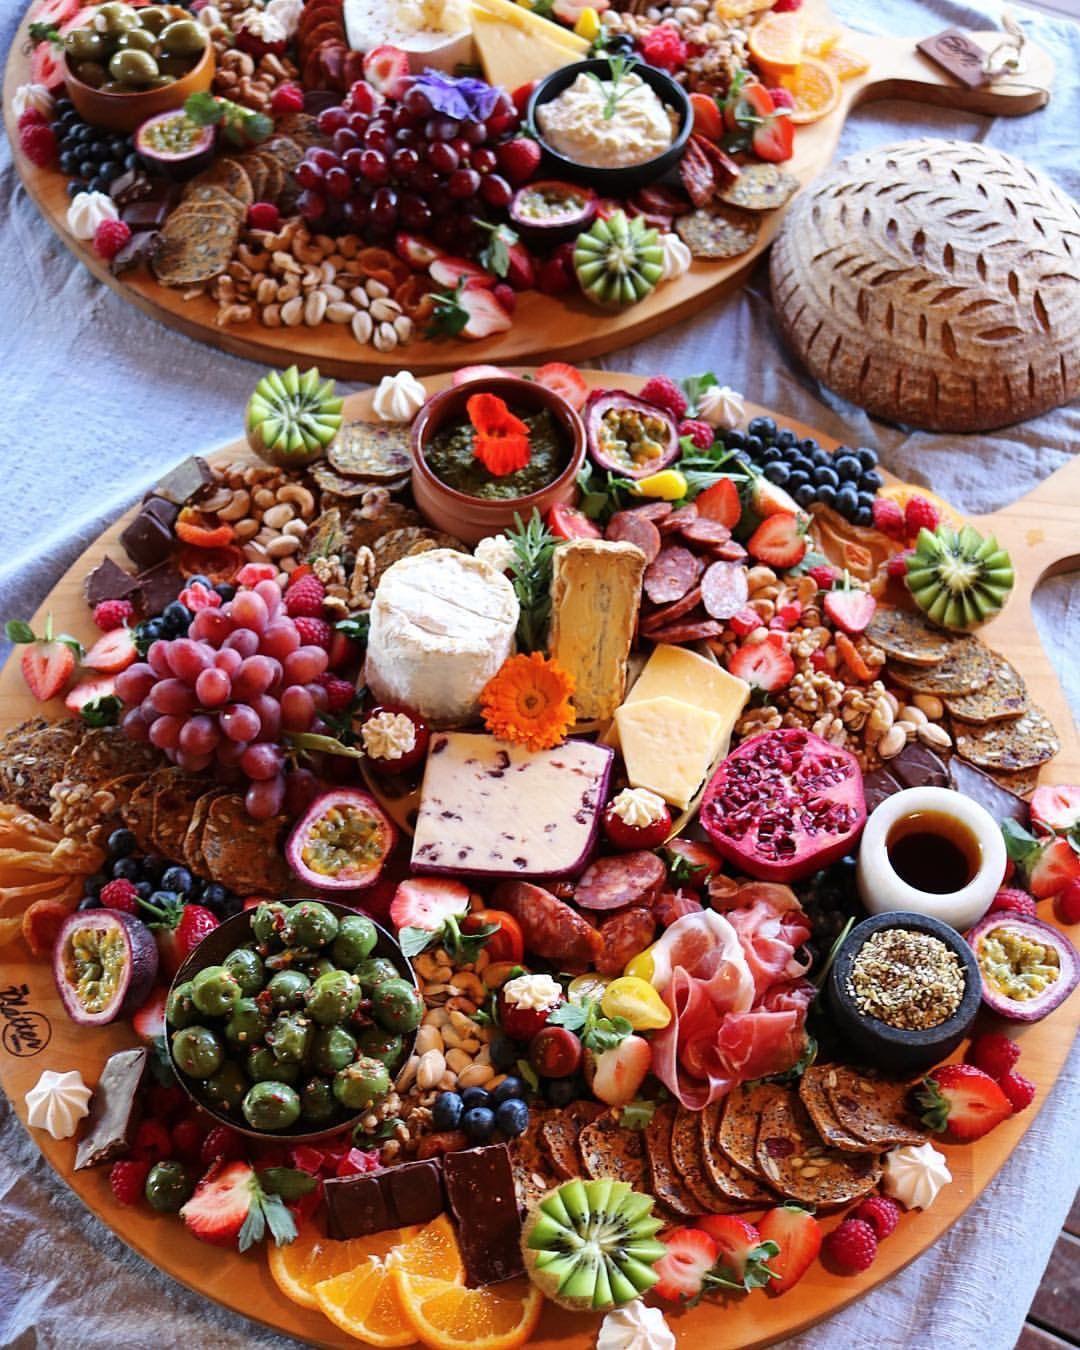 12 Best Images About Hgtv On Pinterest: Pin De Andrea González En Quesos Y Carnes Frías